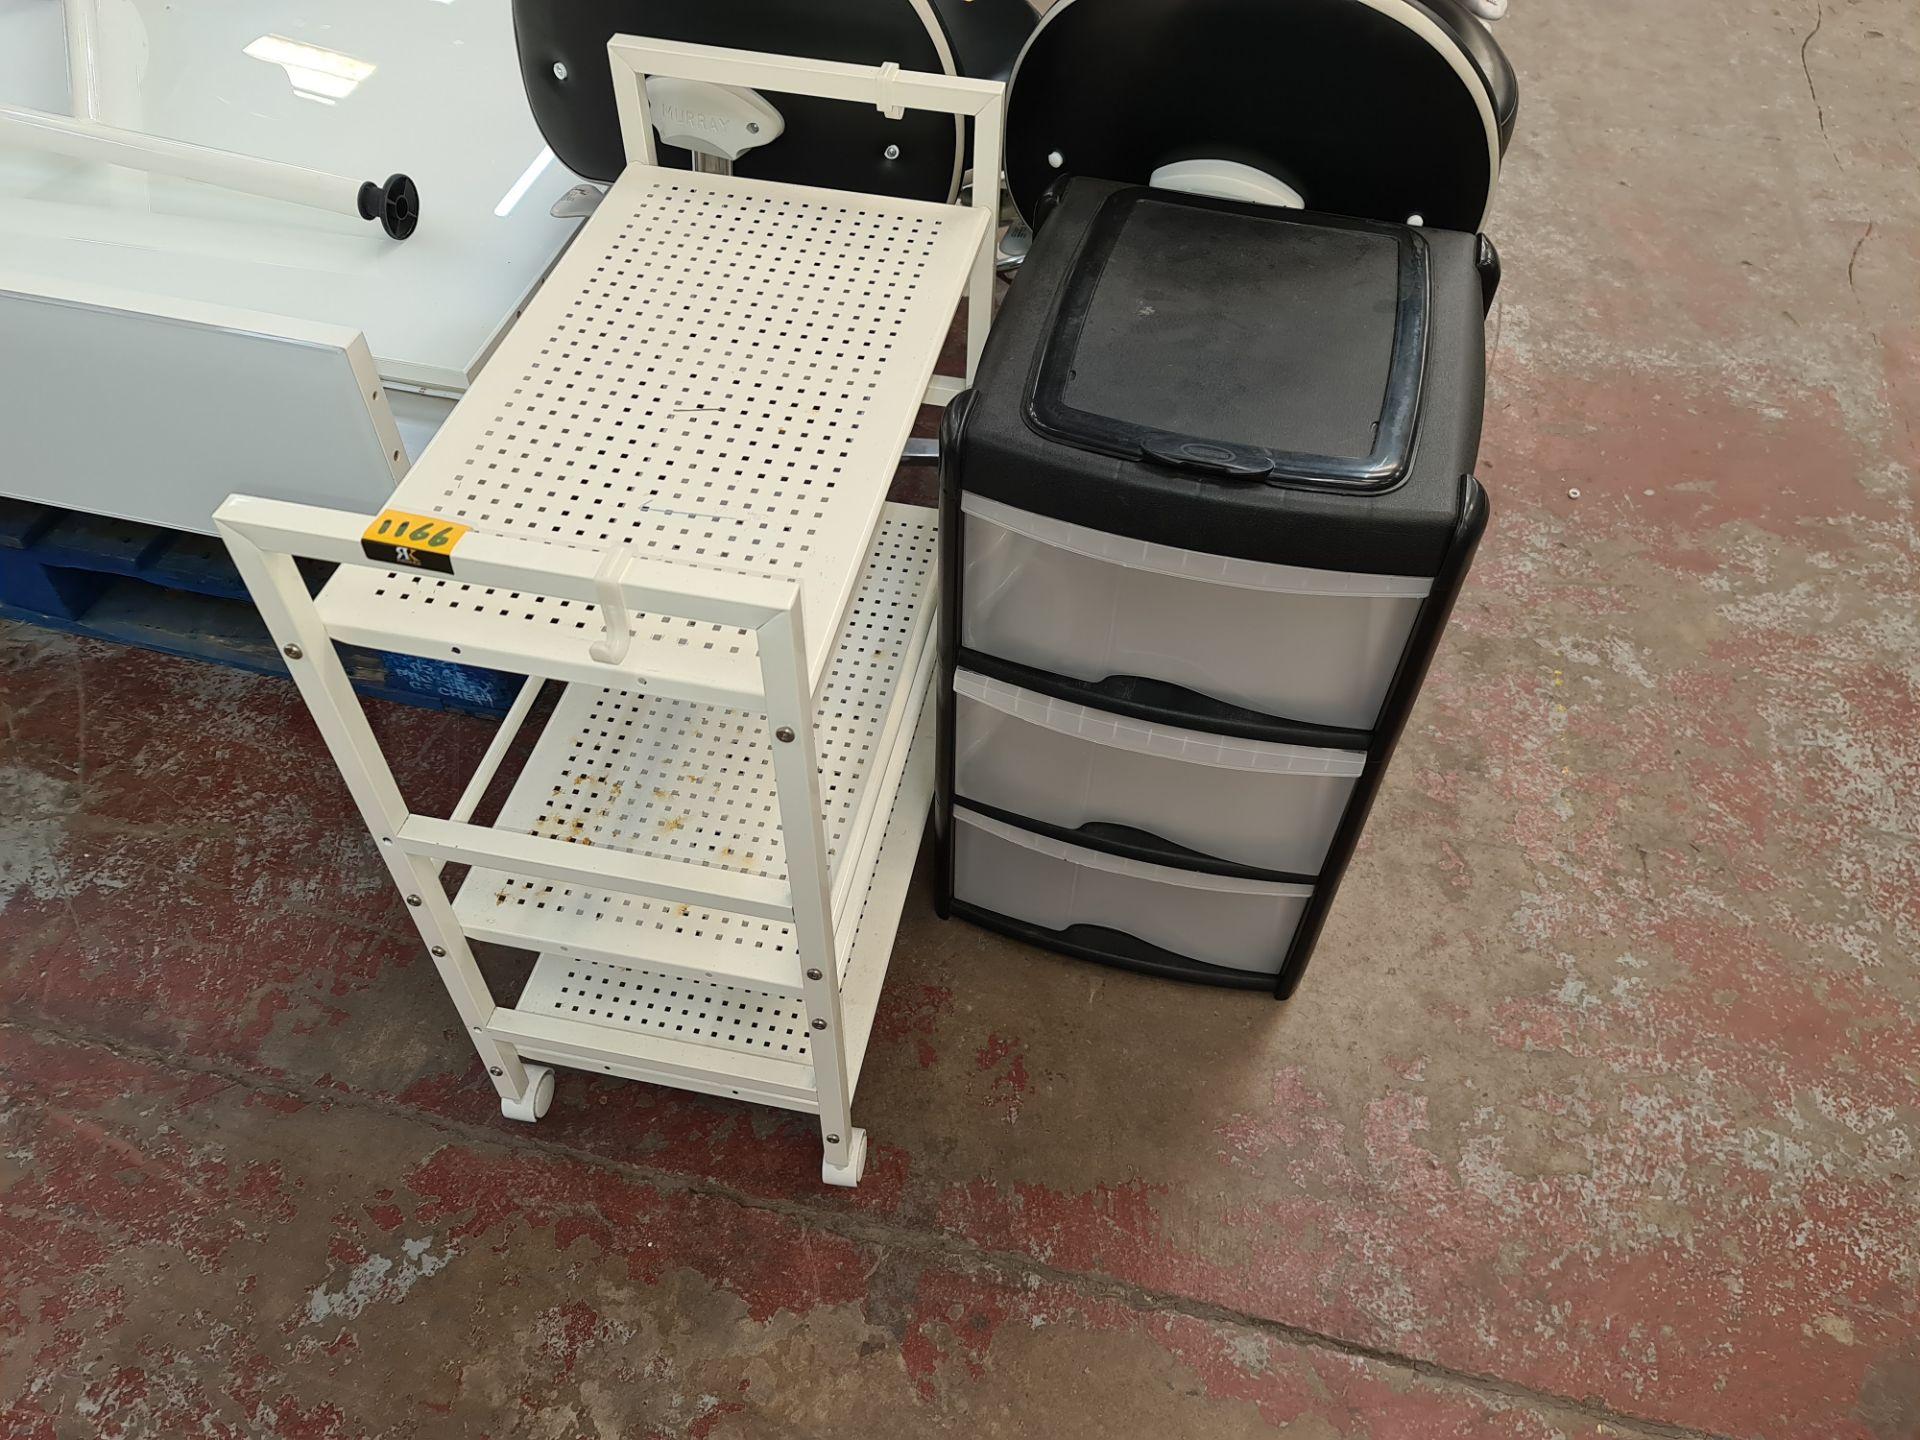 Pair of trolleys/storage units